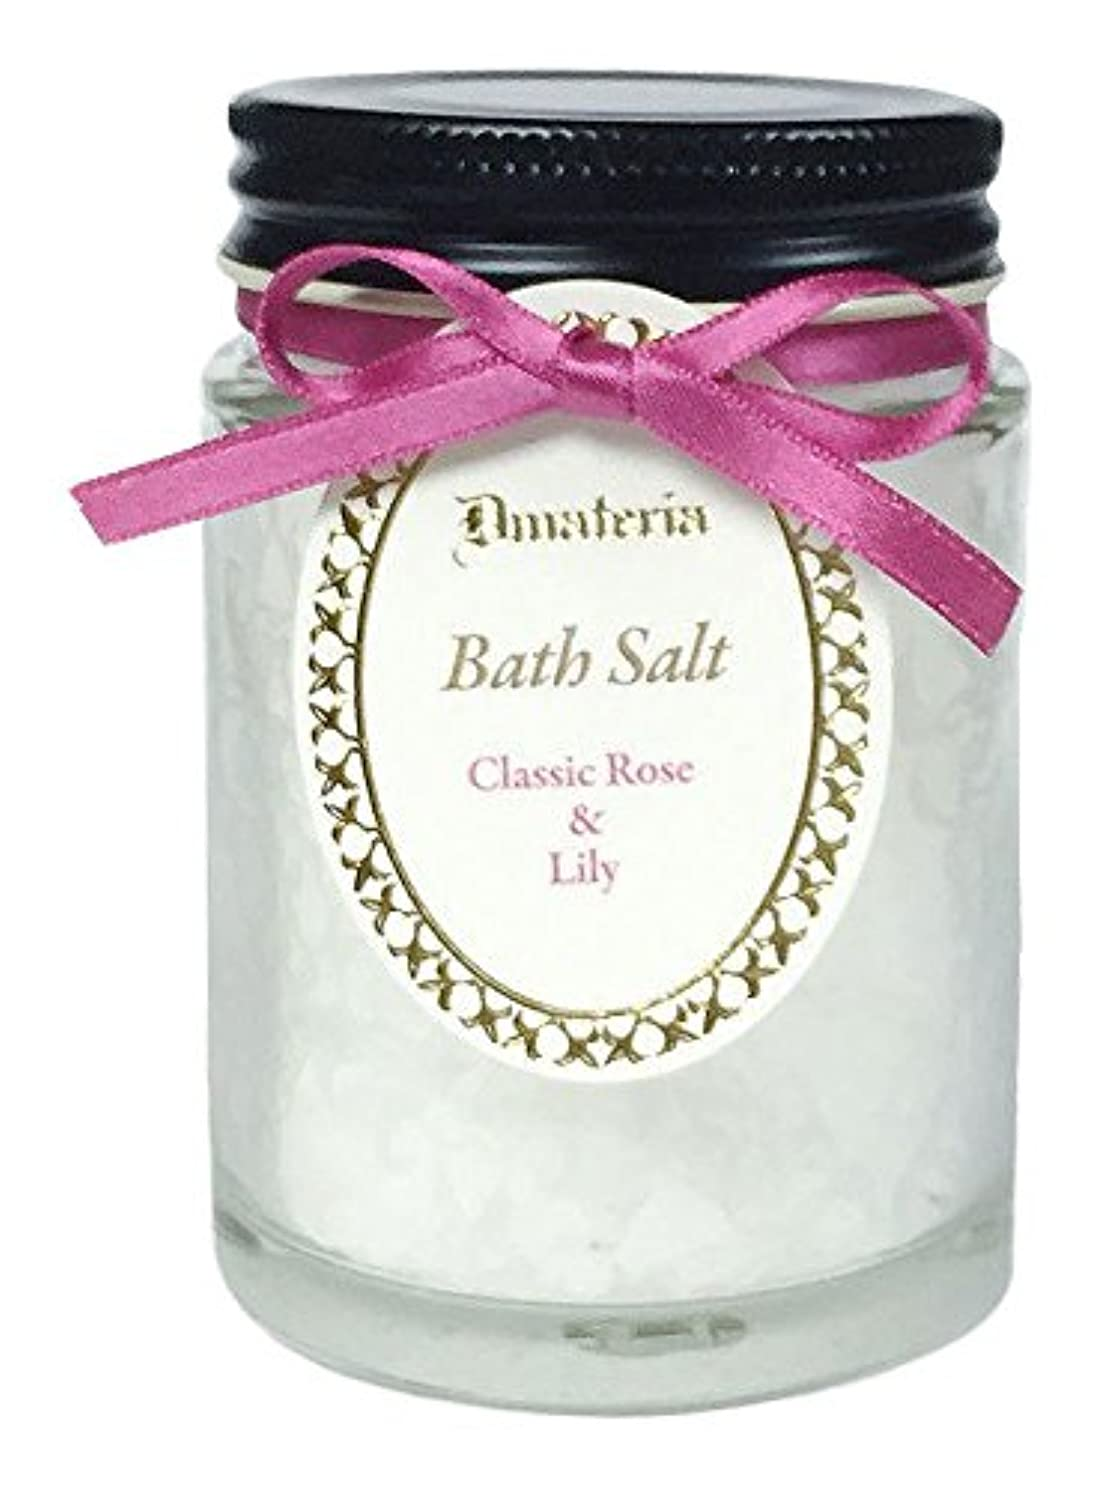 支援広告する乳D materia バスソルト クラシックローズ&リリー Classic Rose&Lily Bath Salt ディーマテリア